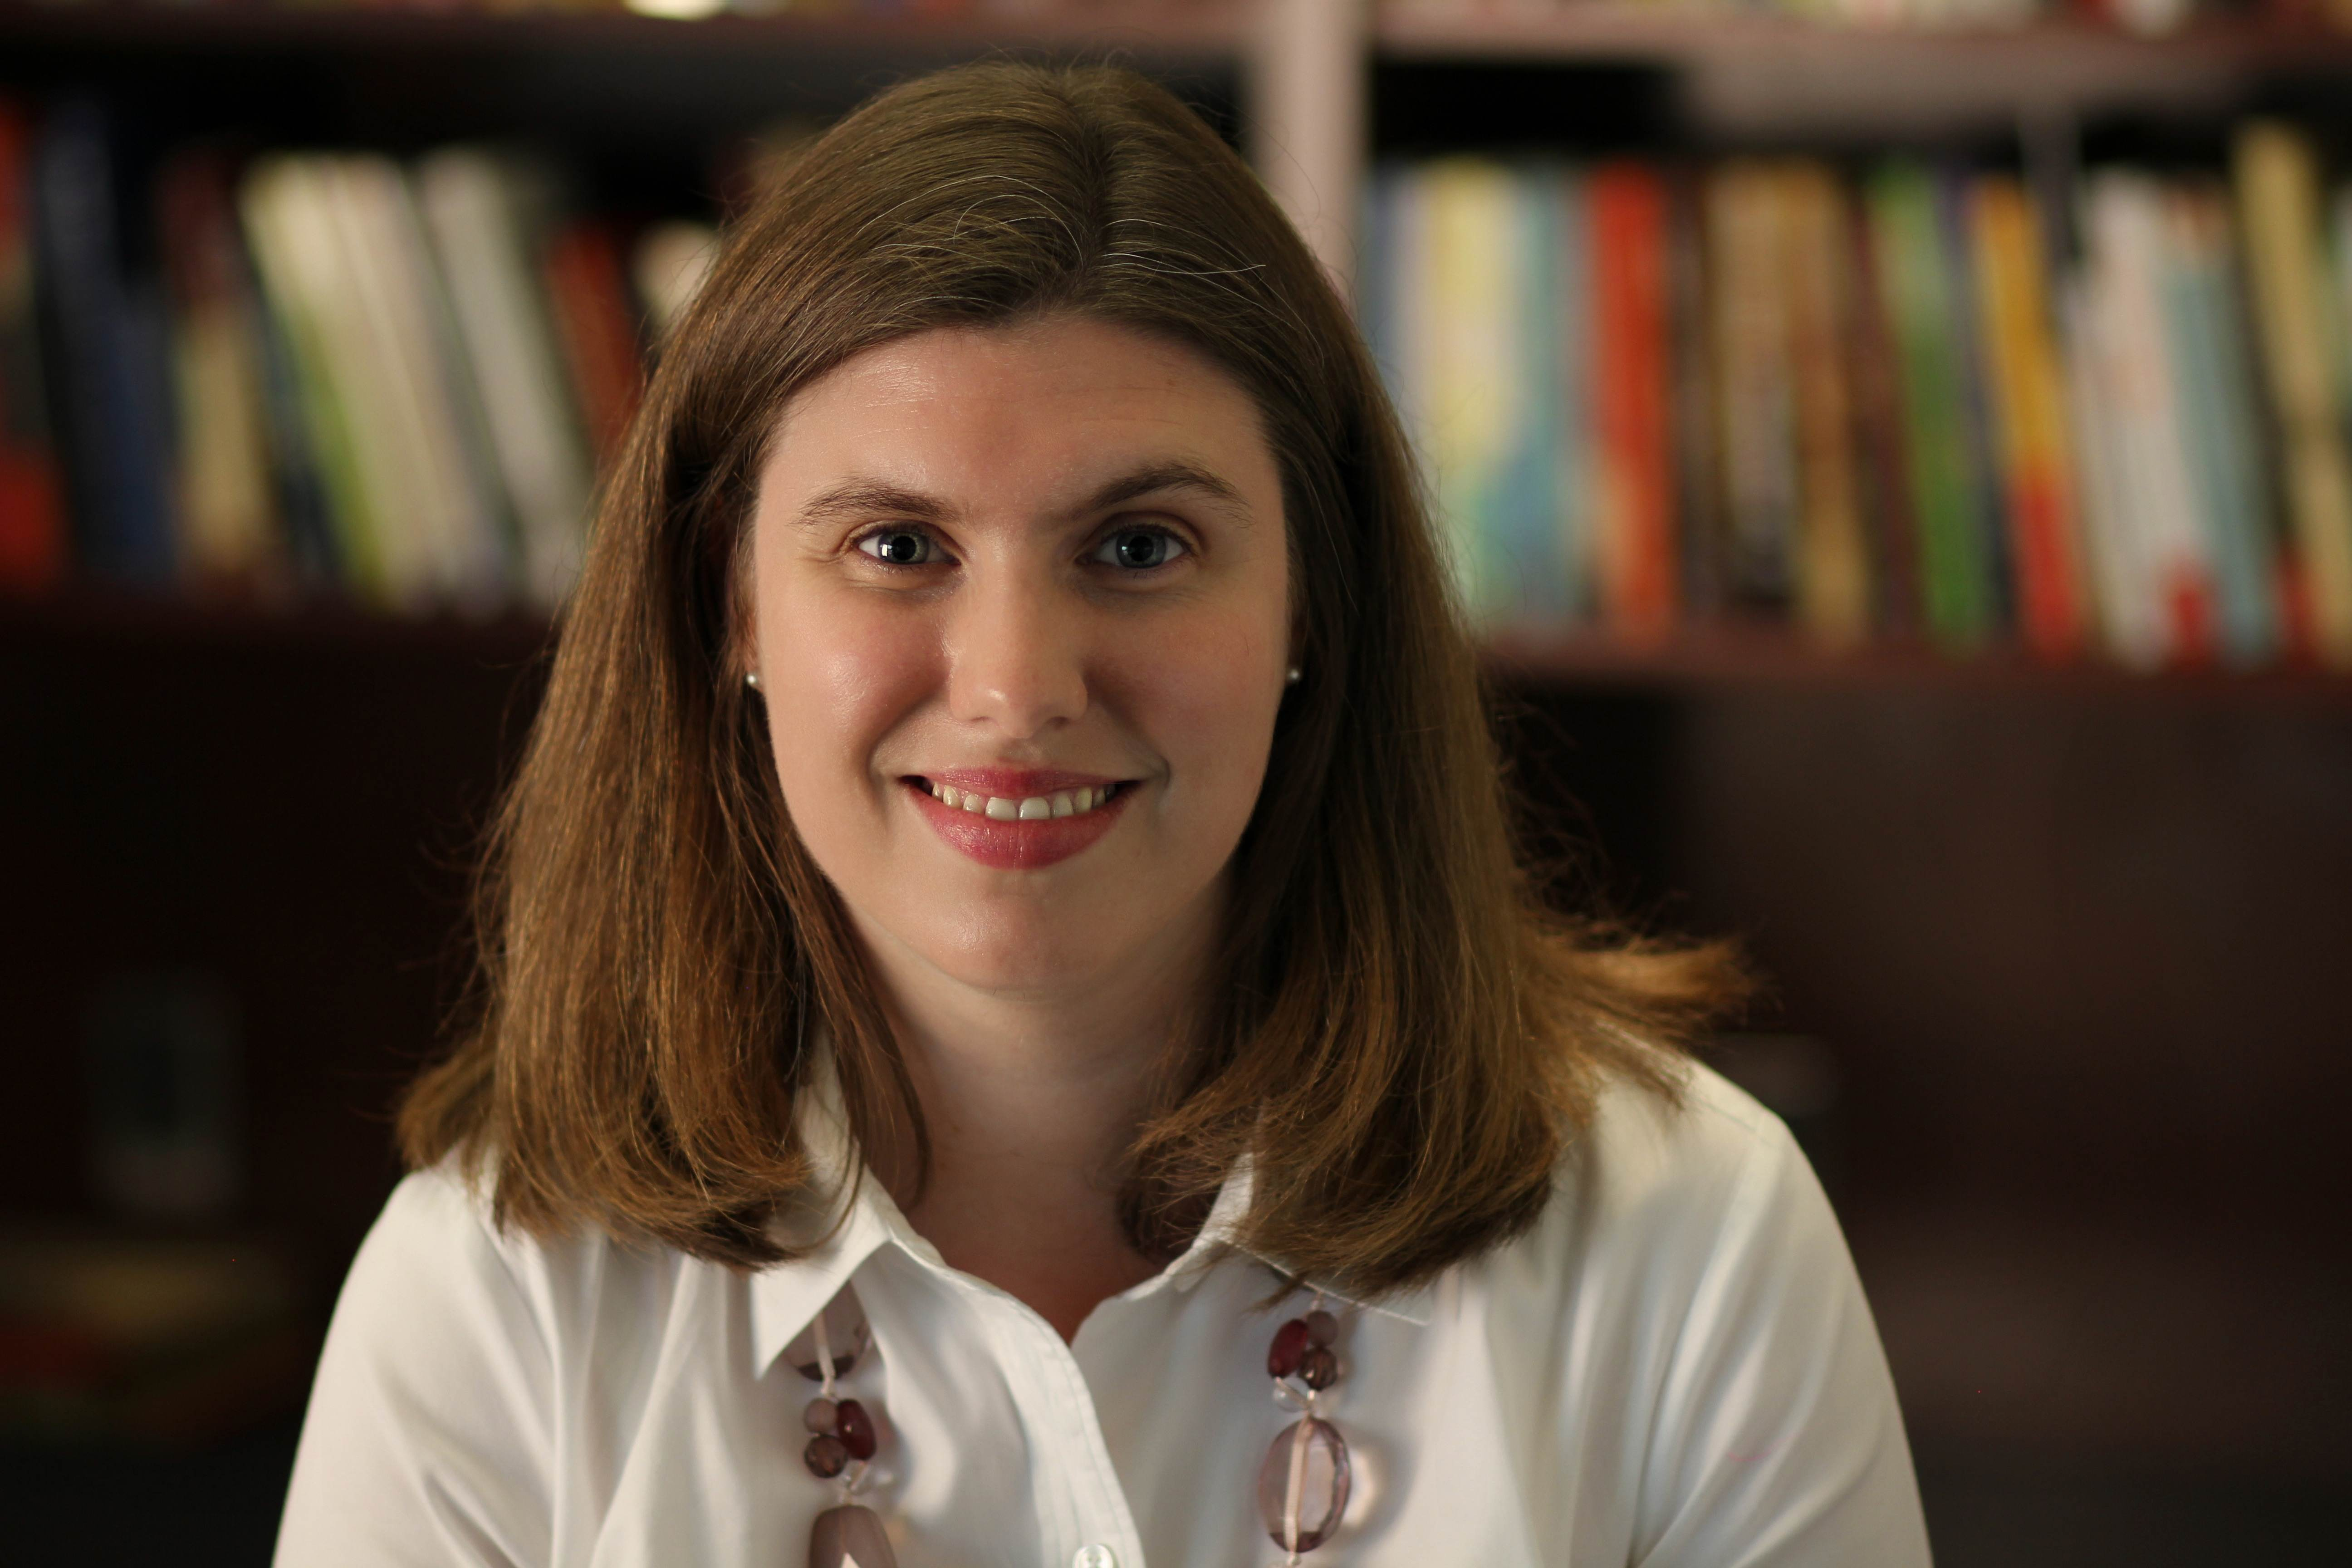 Lindsay Williams